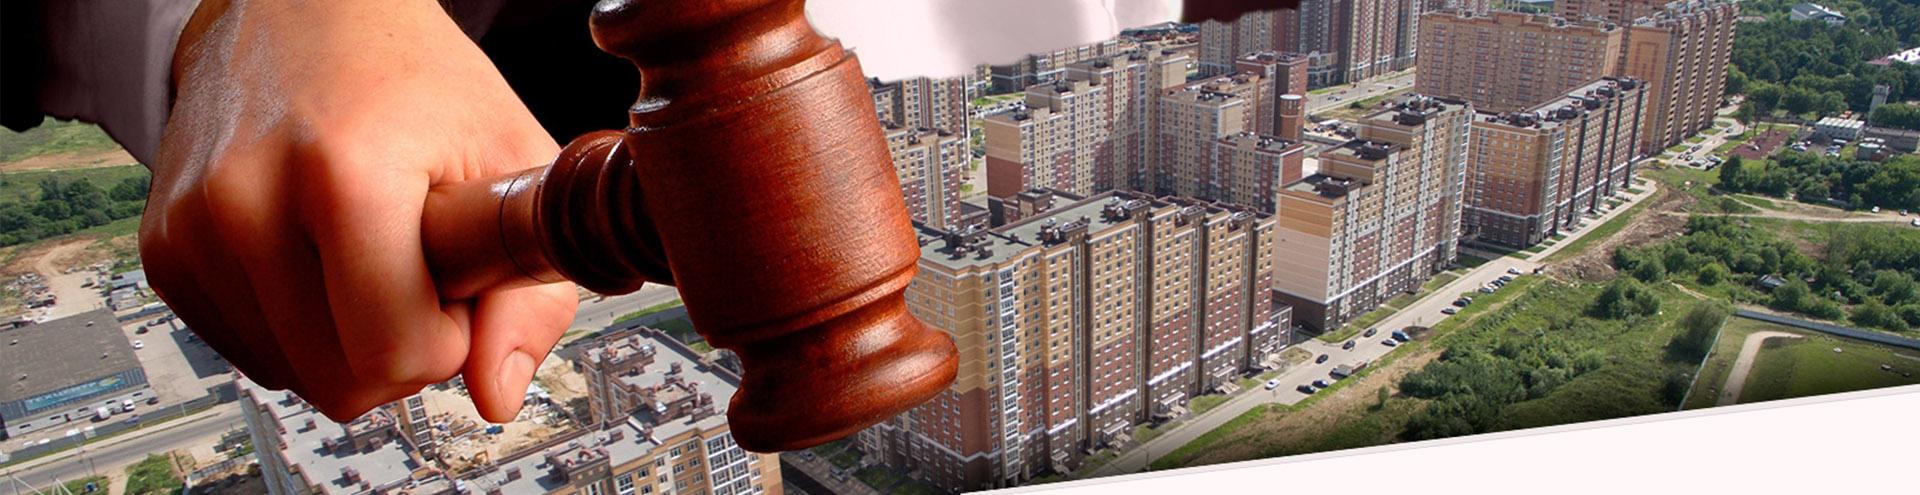 Суд с застройщиком в Оренбурге и Оренбургской области